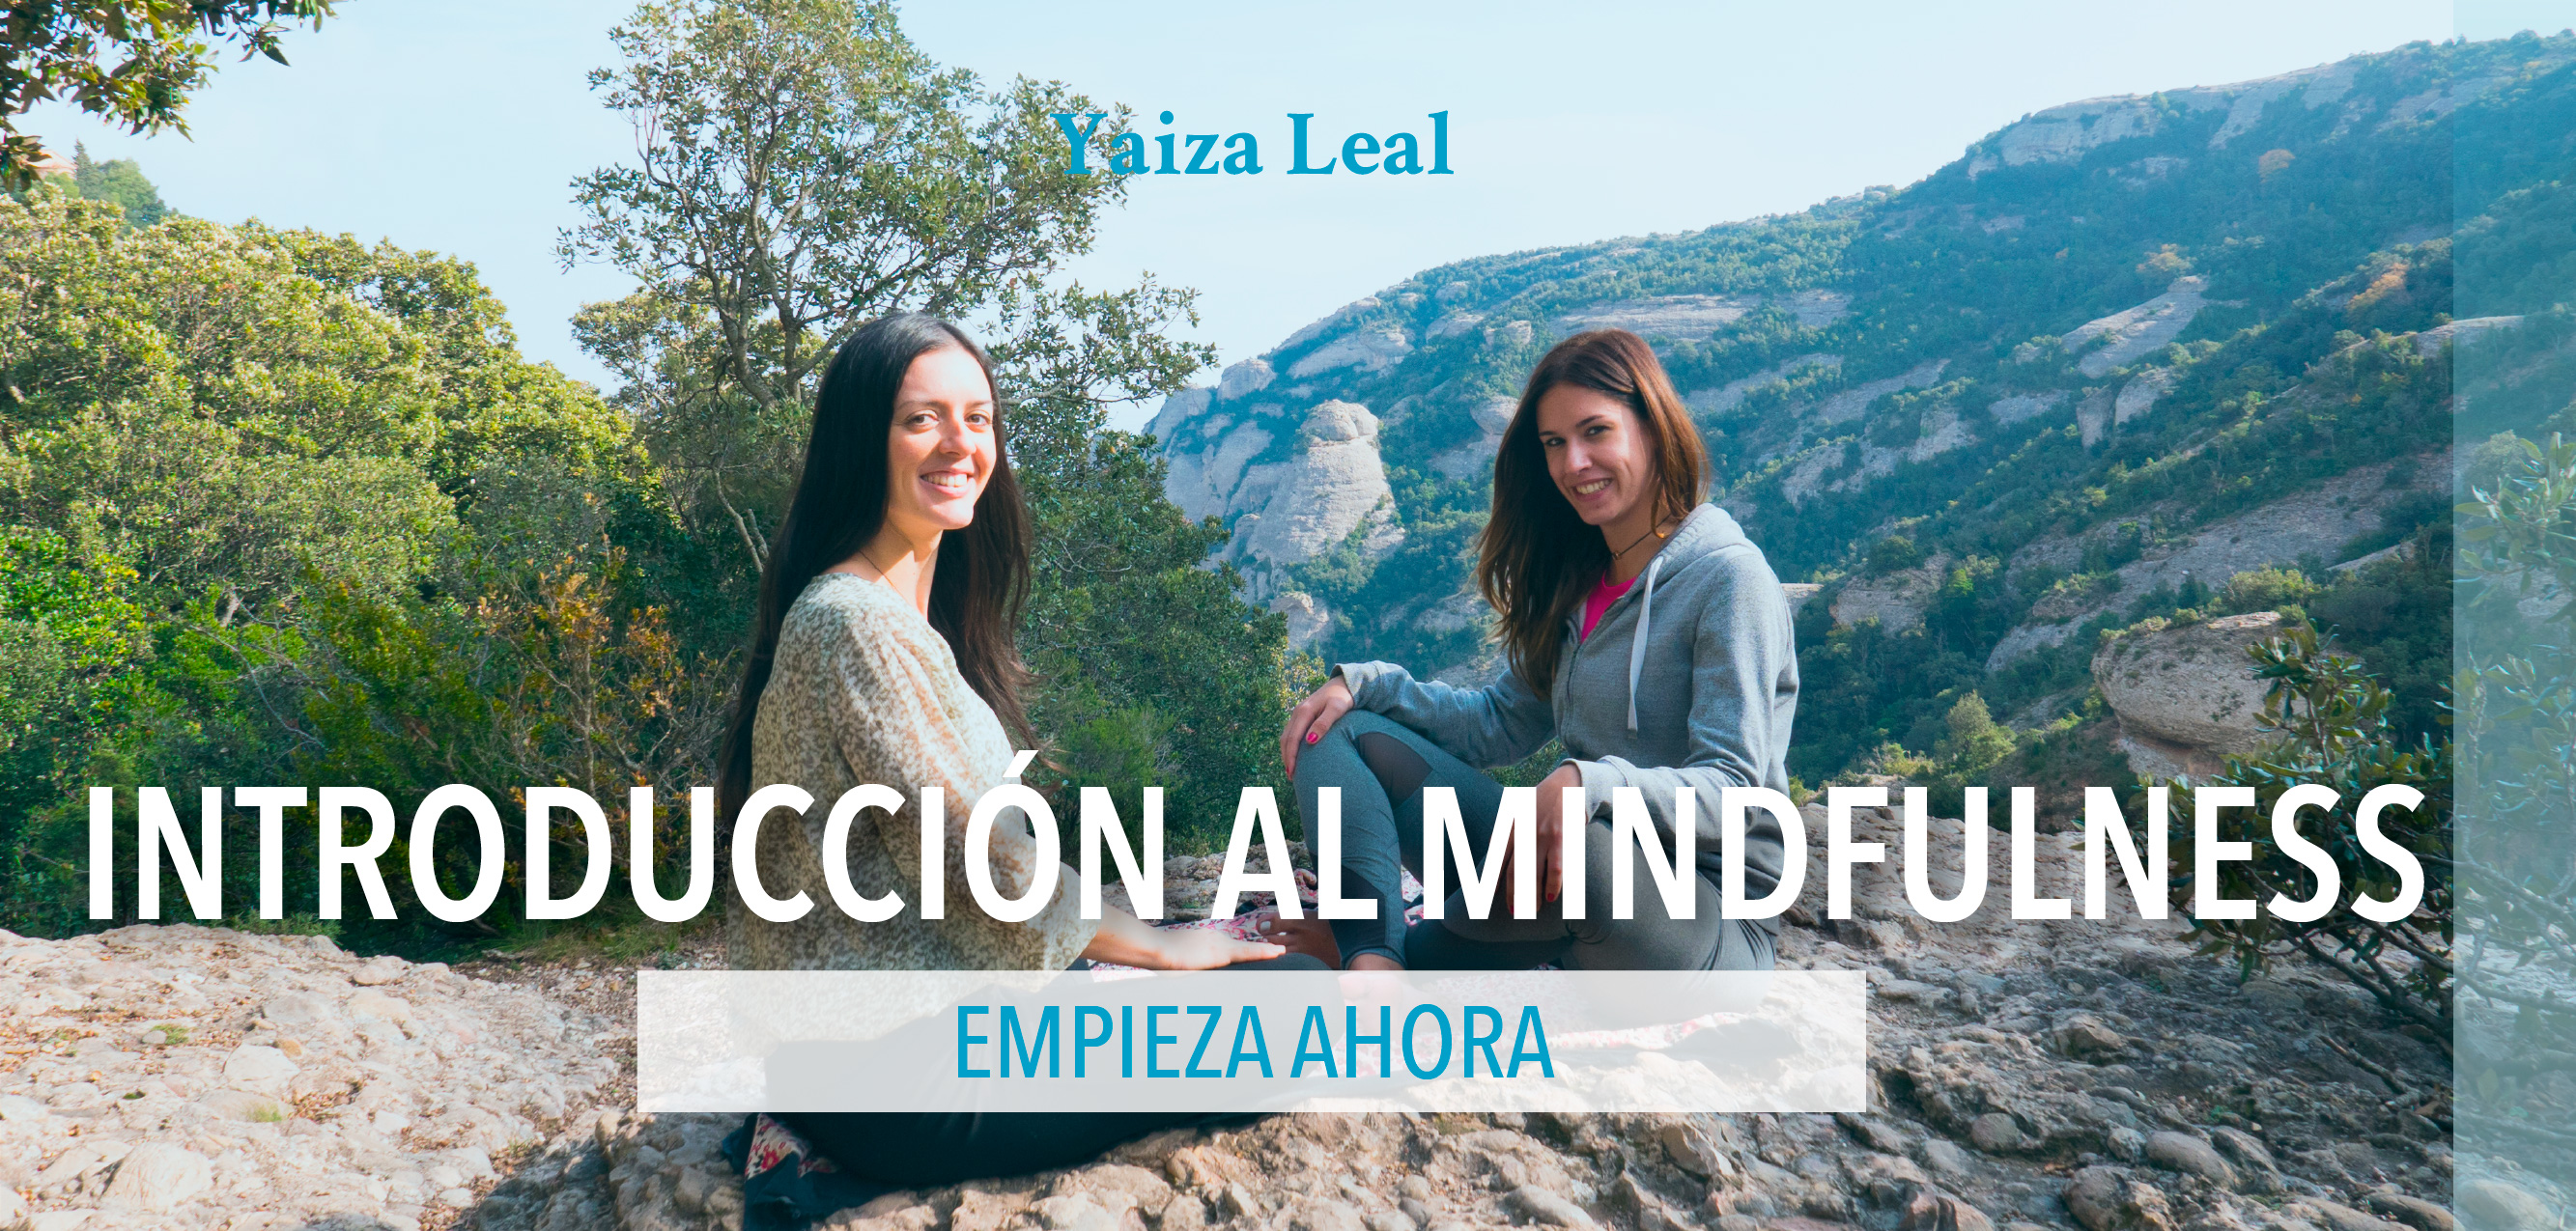 Introducción al mindfulness